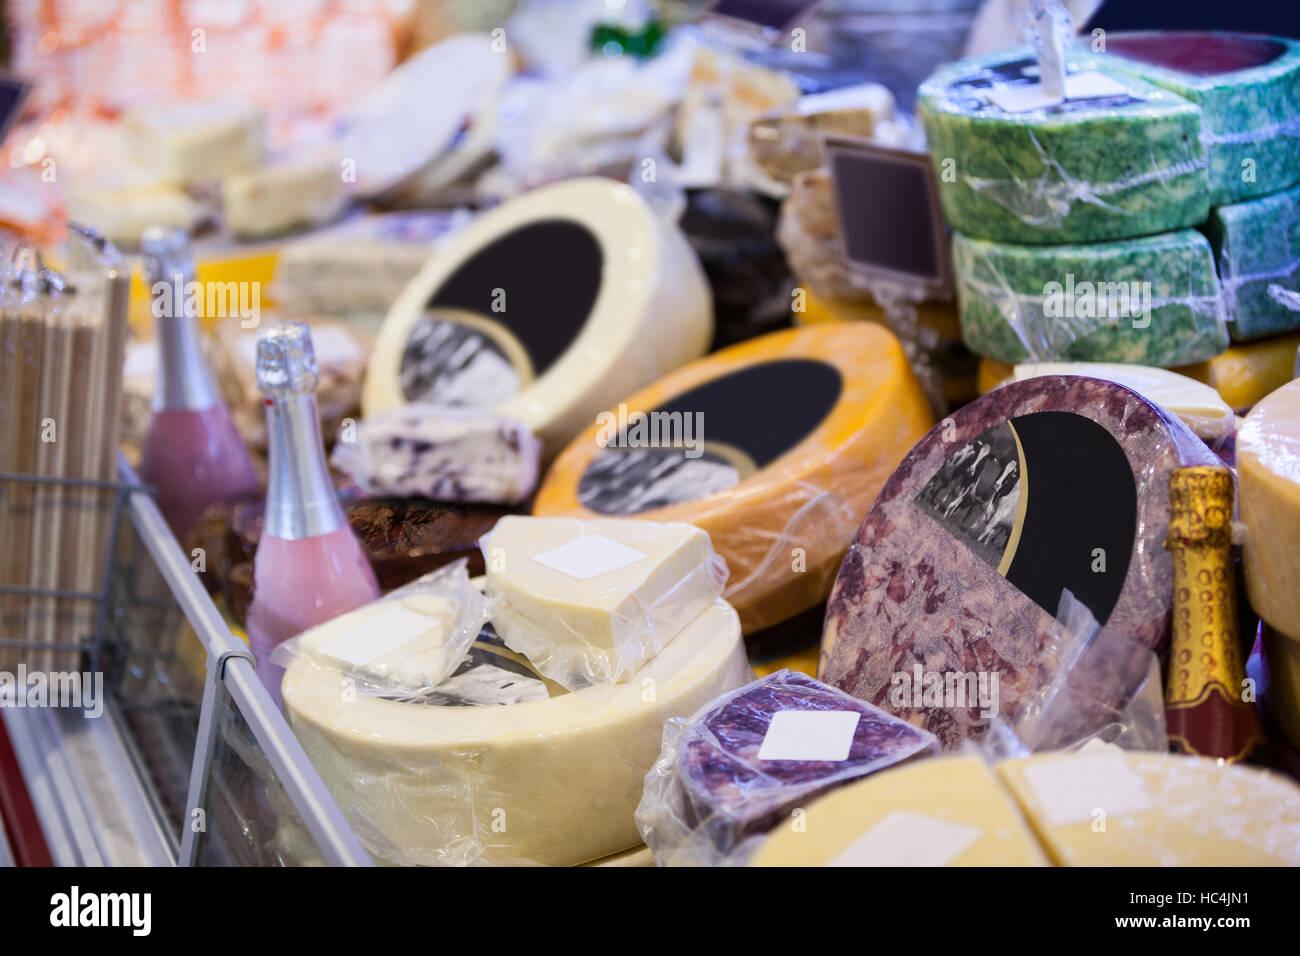 Variación de postre en el supermercado Imagen De Stock